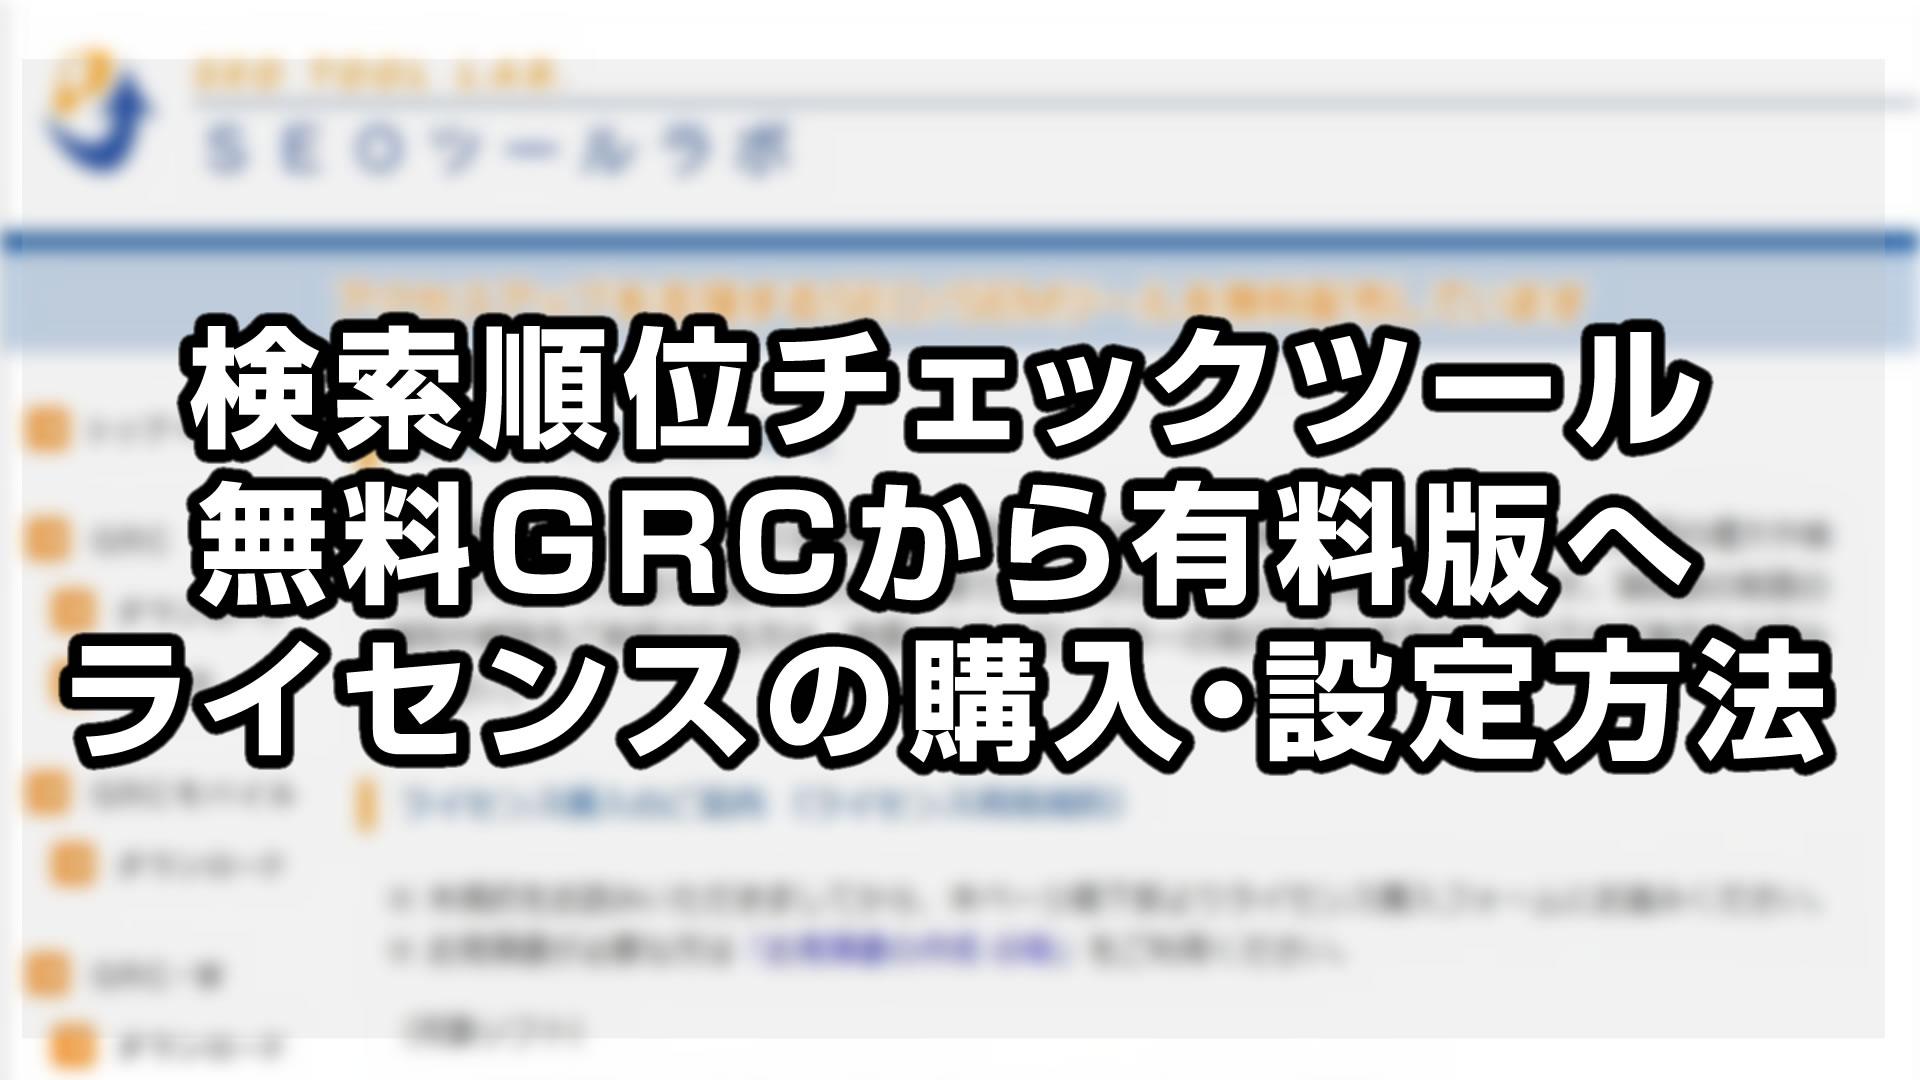 無料GRCから有料版へ変更!ライセンスの購入方法